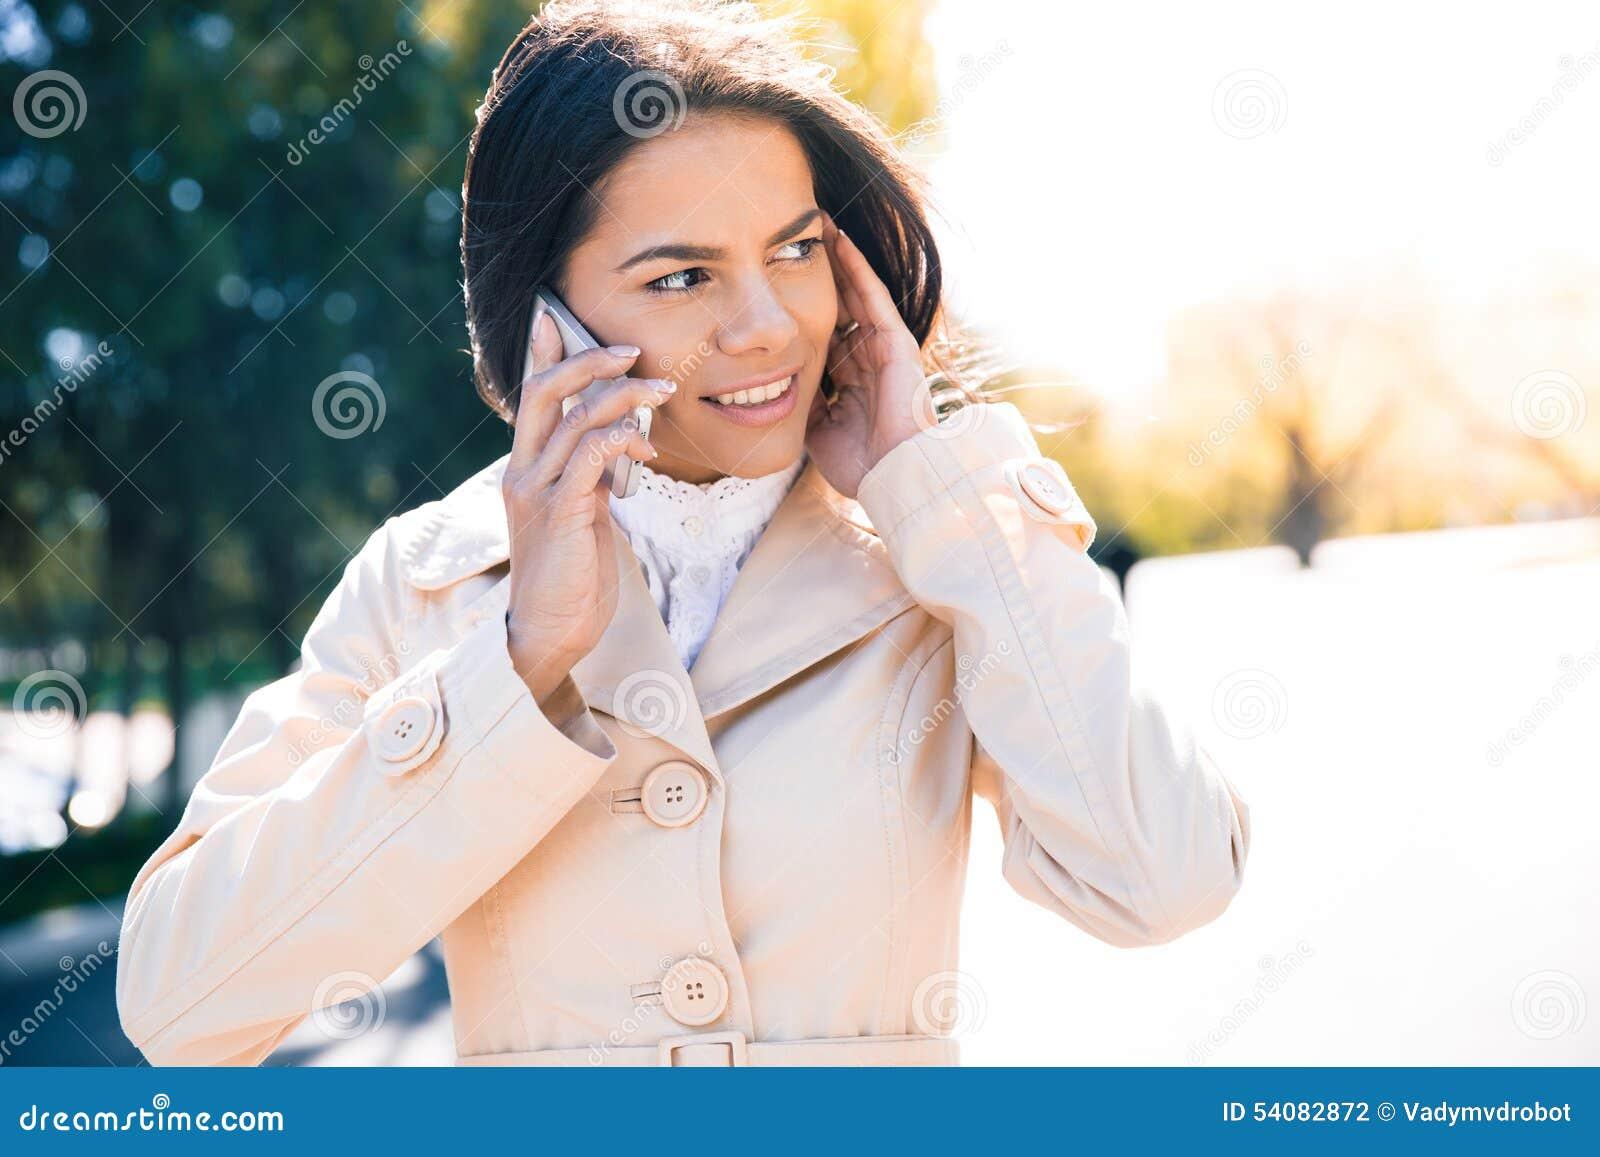 Glimlachende vrouw die op de telefoon spreekt